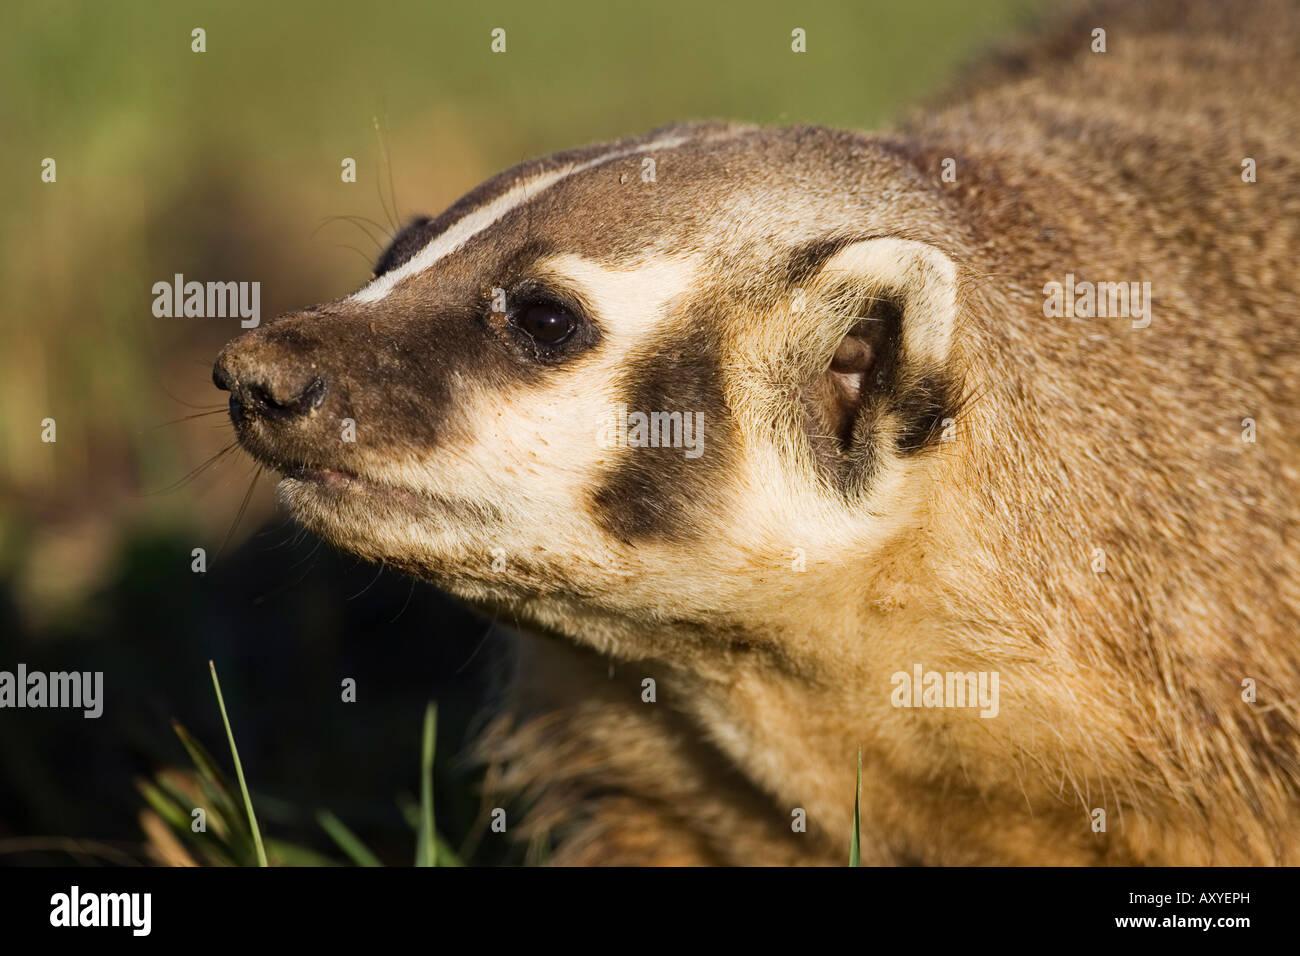 Blaireau (Taxidea taxus), en captivité, du Minnesota, de grès, de connexion de la faune au Minnesota, Photo Stock